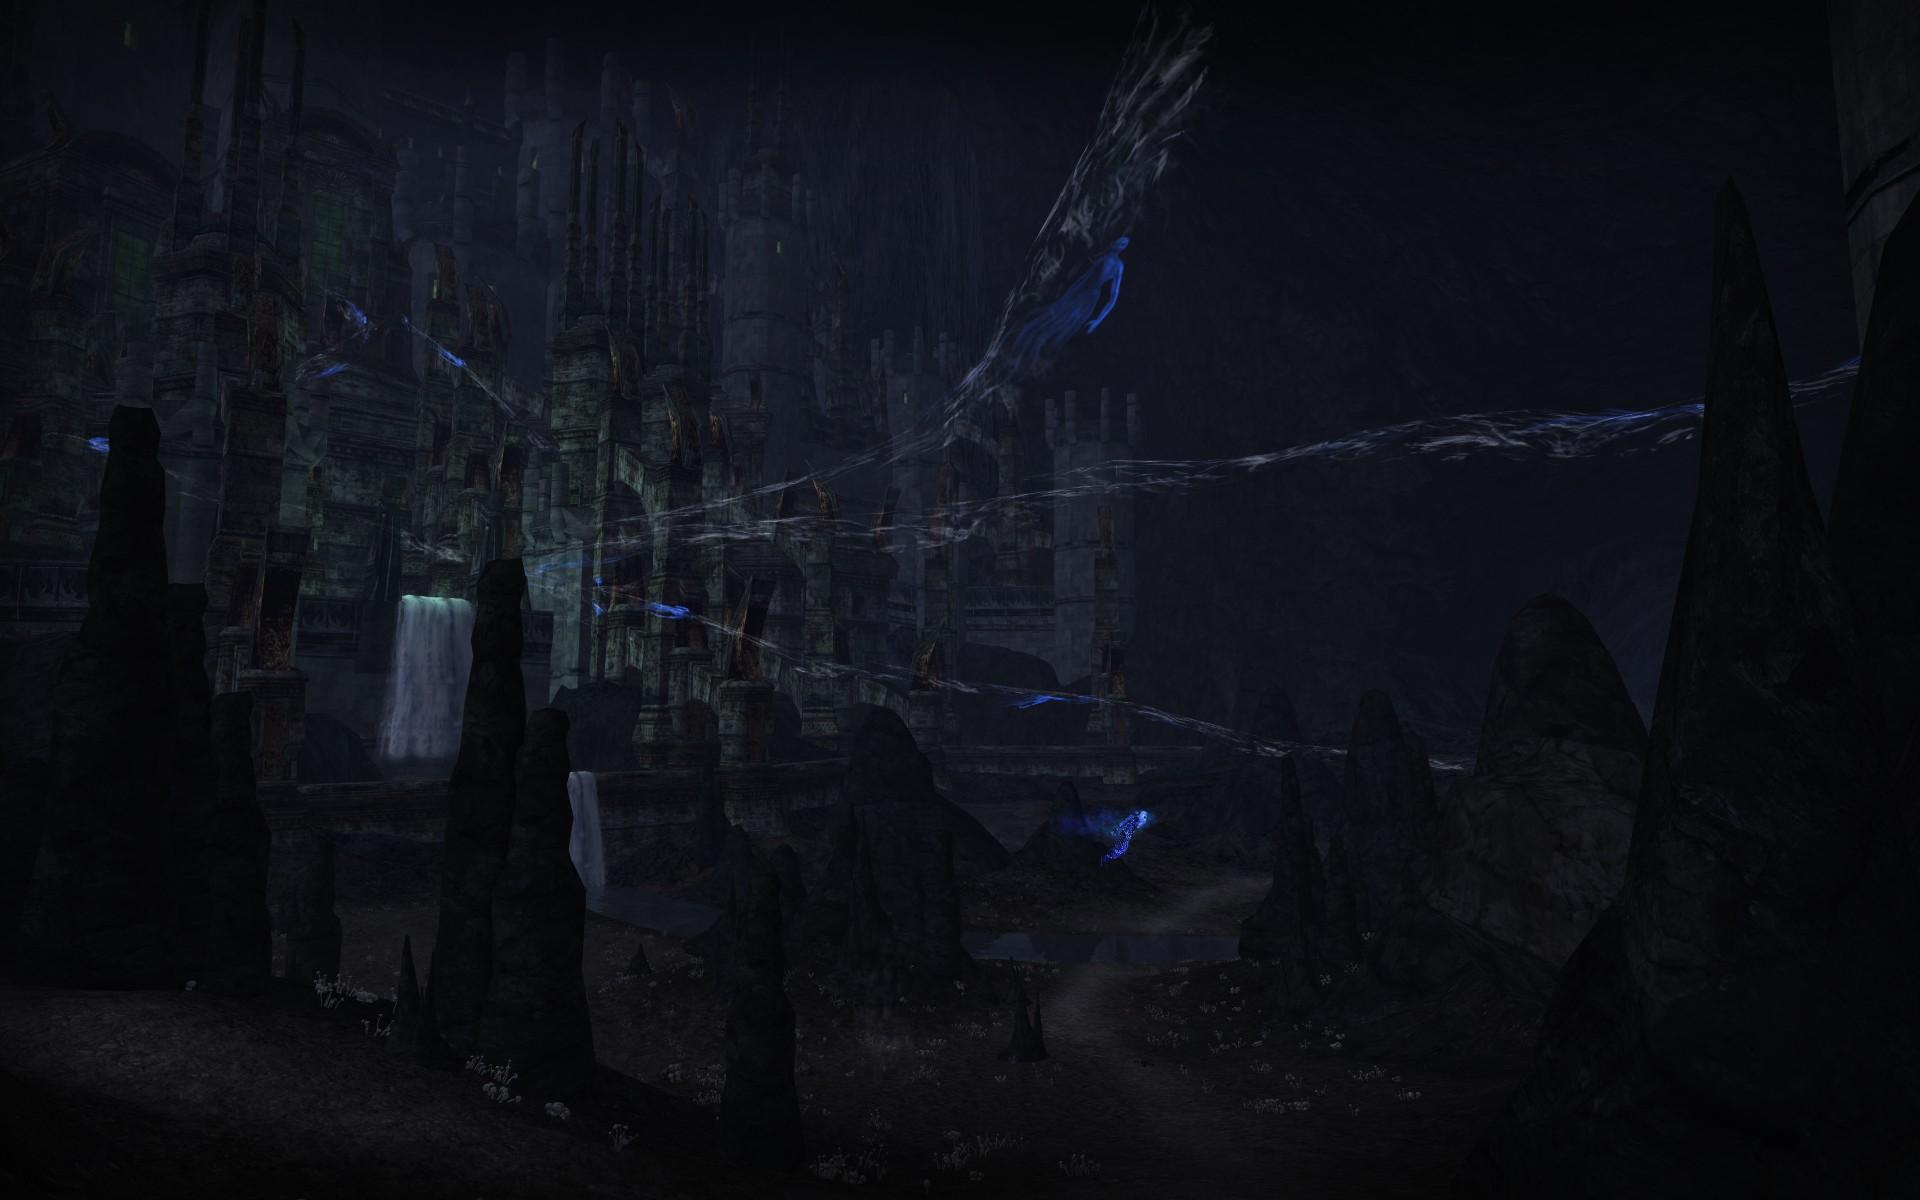 『ロード・オブ・ザ・リングス オンライン』における死者の道内部